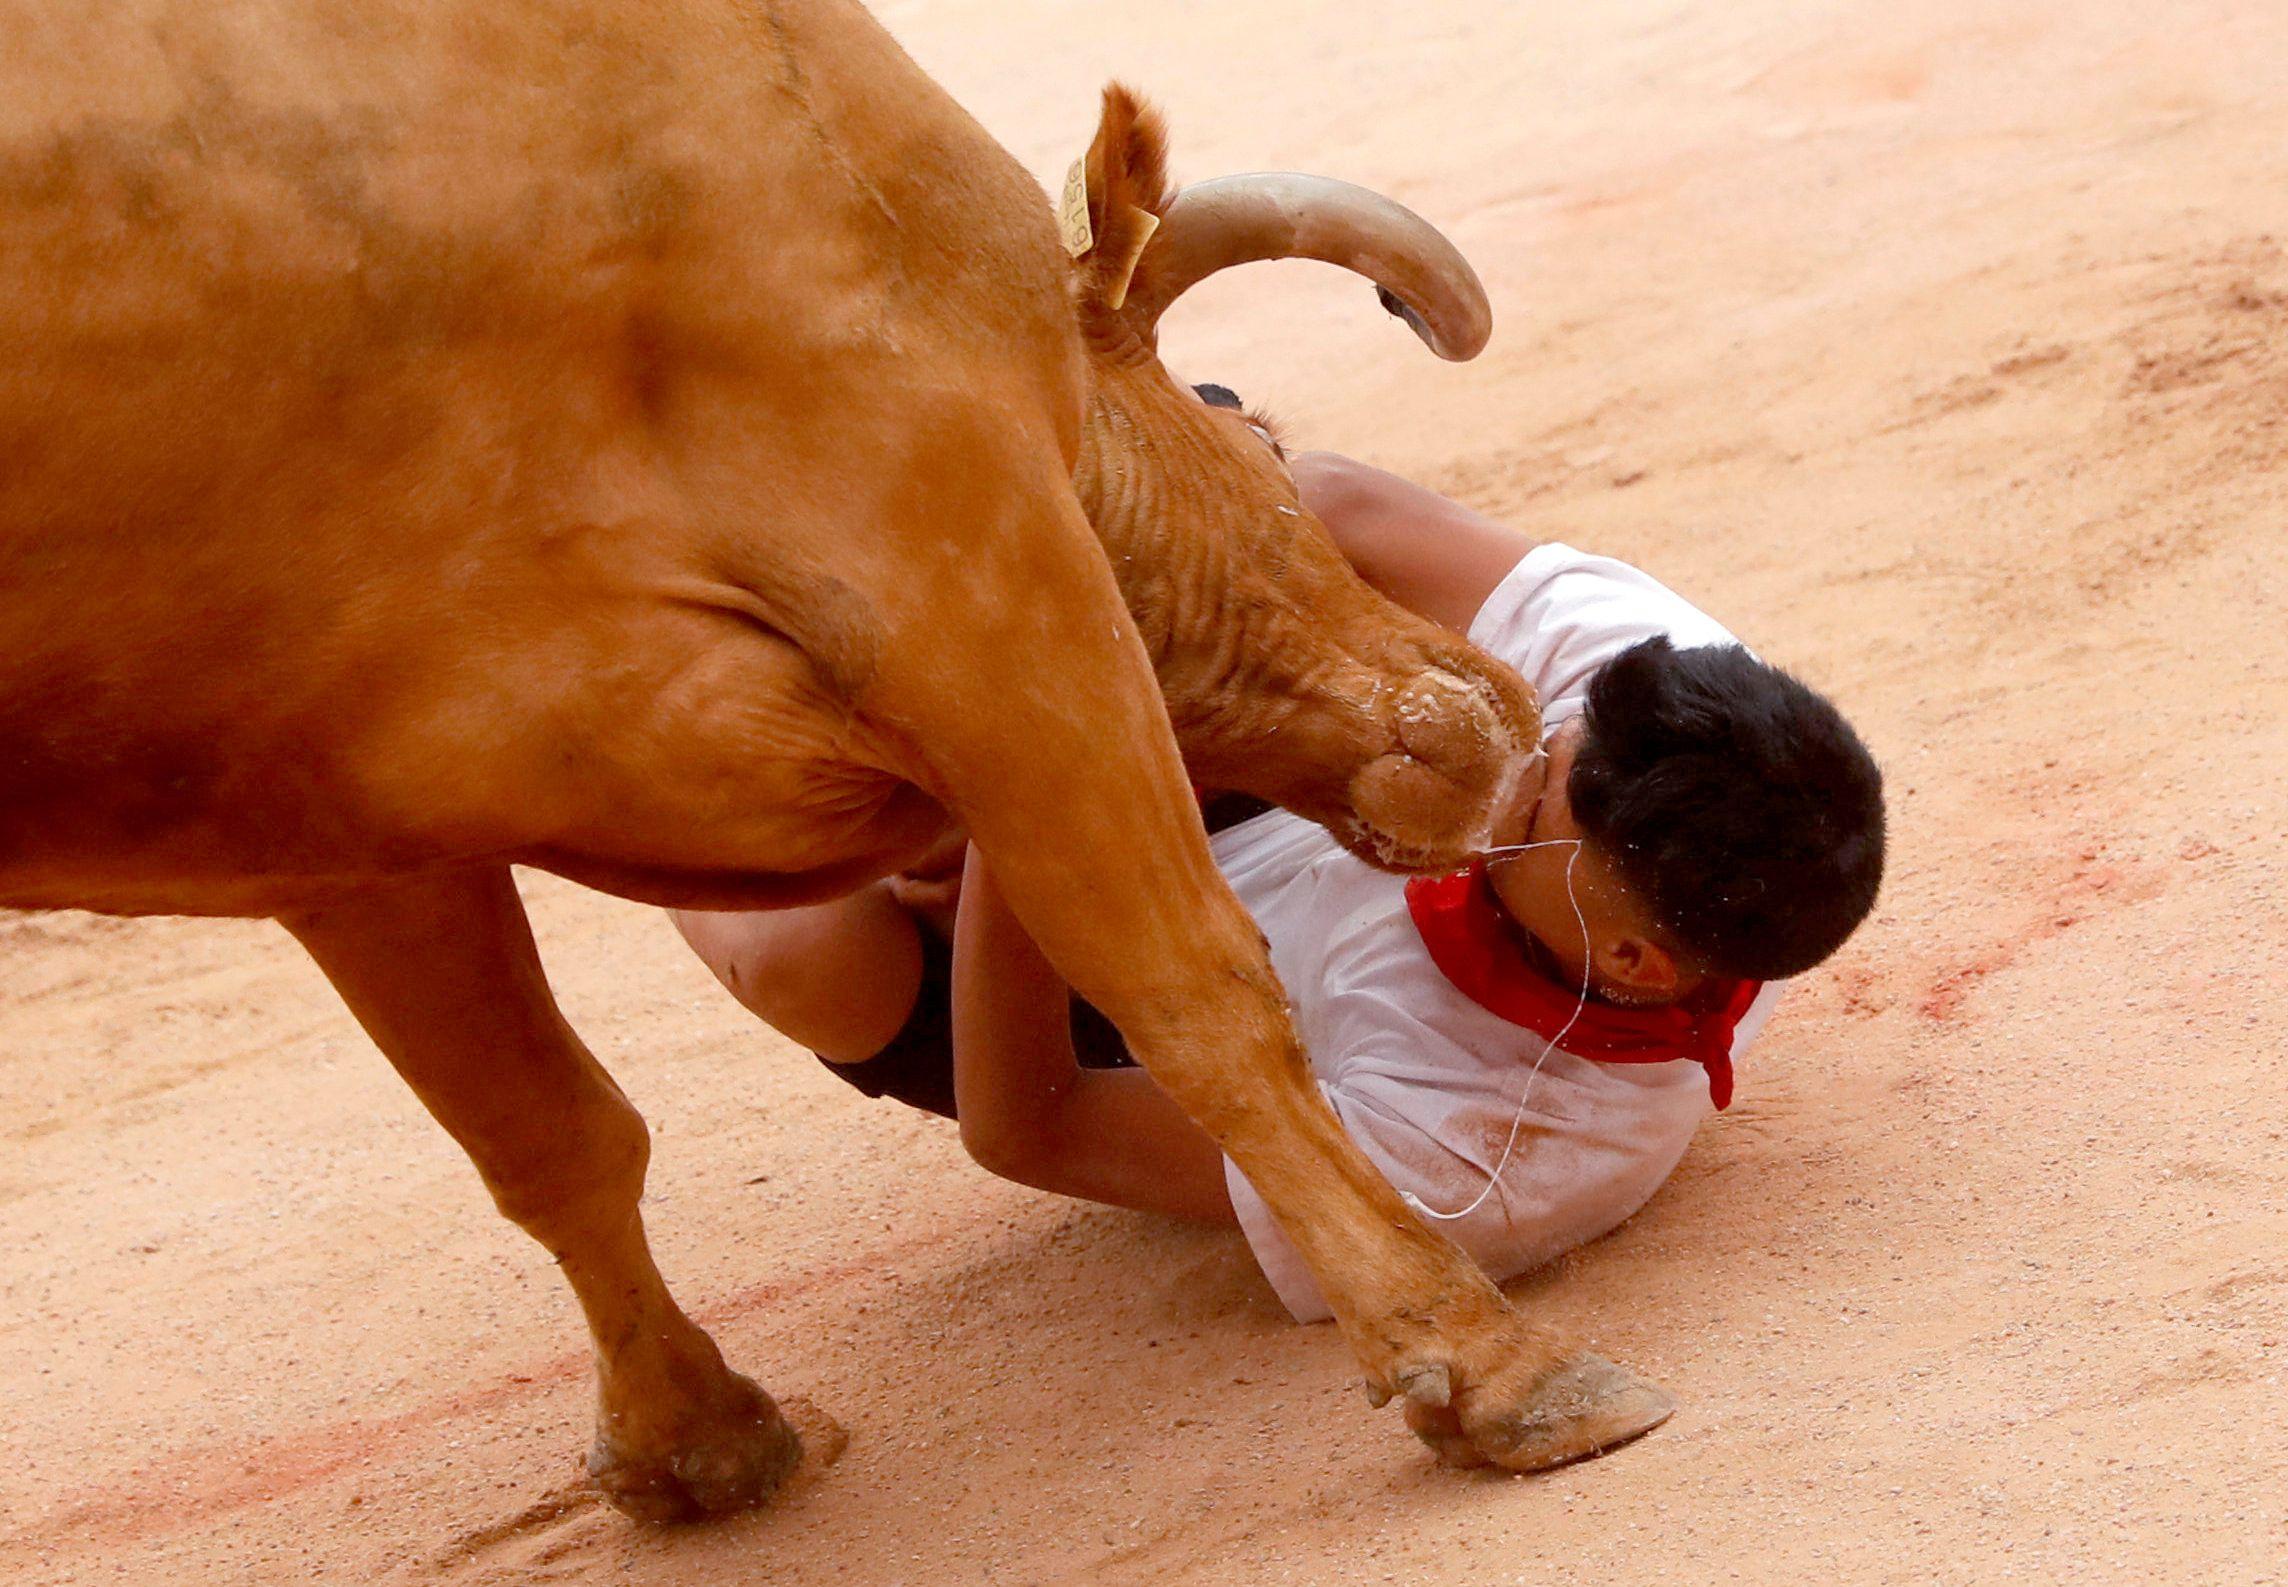 Como cada año, miles de personas, procedentes de todo el mundo, desafiaron al miedo y corrieron delante de toros bravos en los encierros, siguiendo una antigua tradición